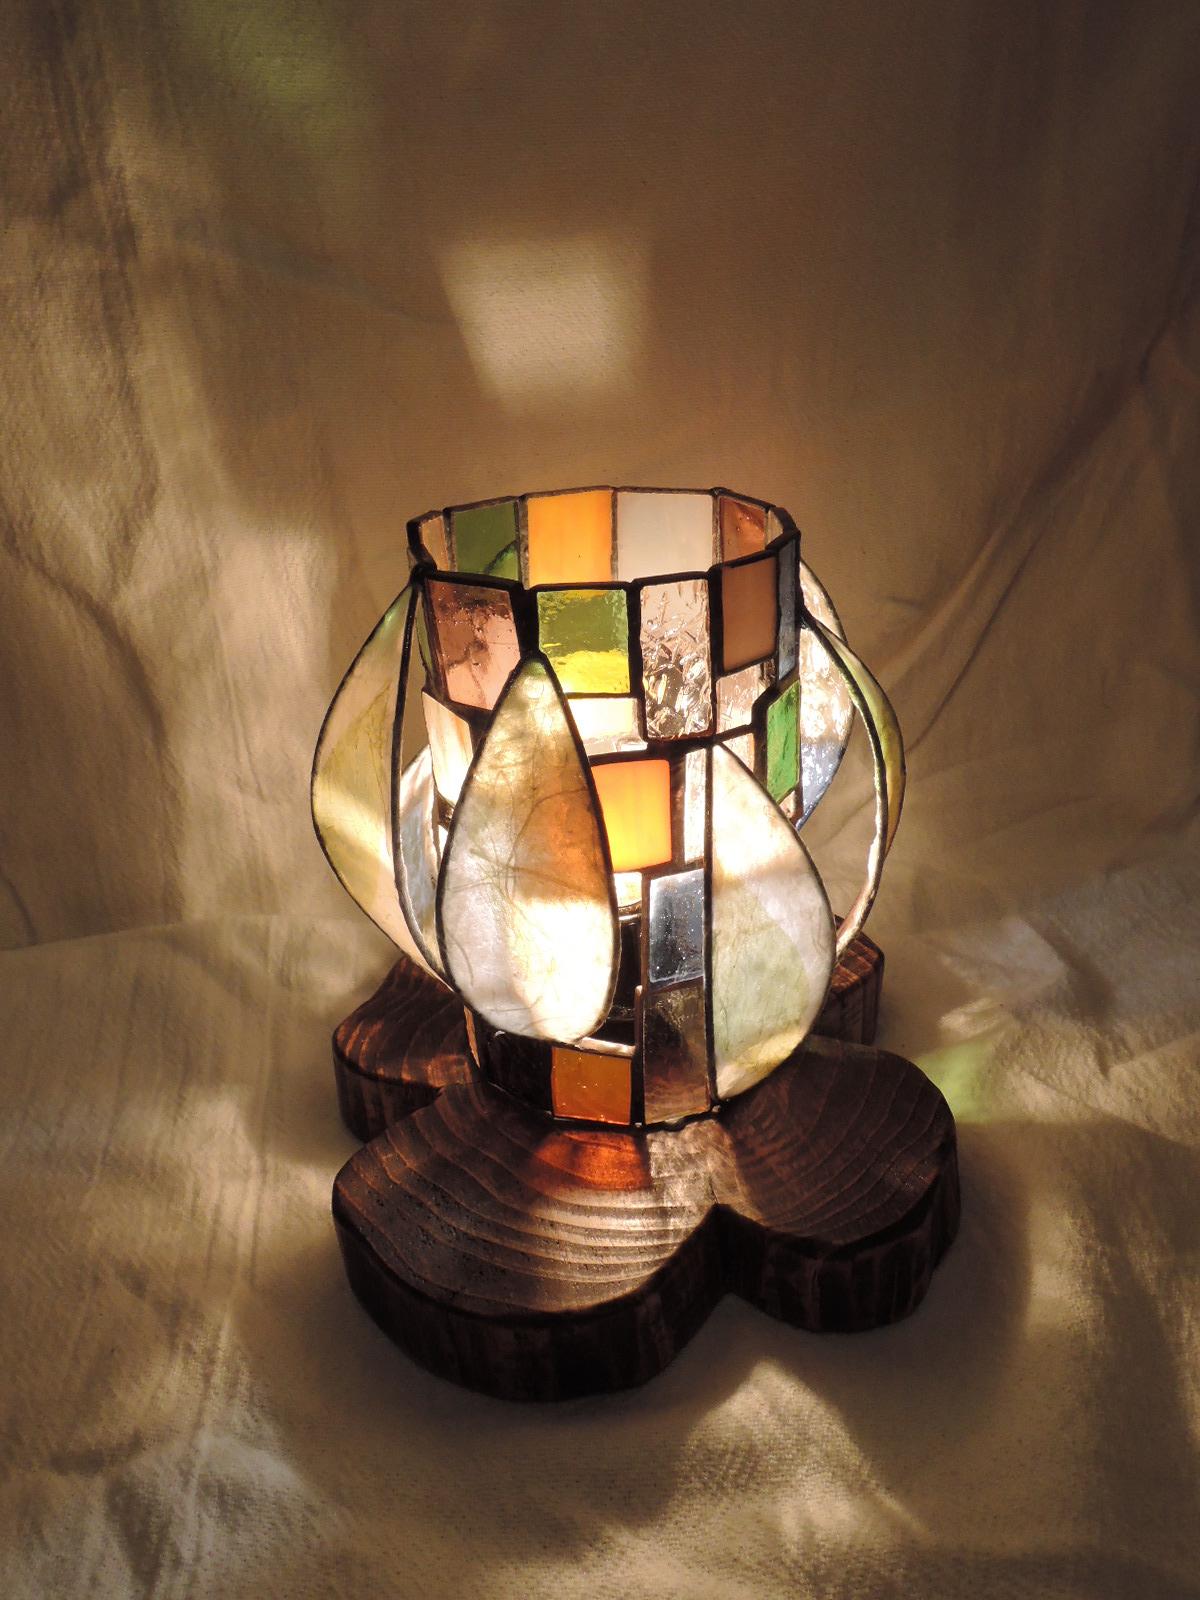 347(テーブル)W18xD18xH16(cm) 素材・木・ガラス・和紙